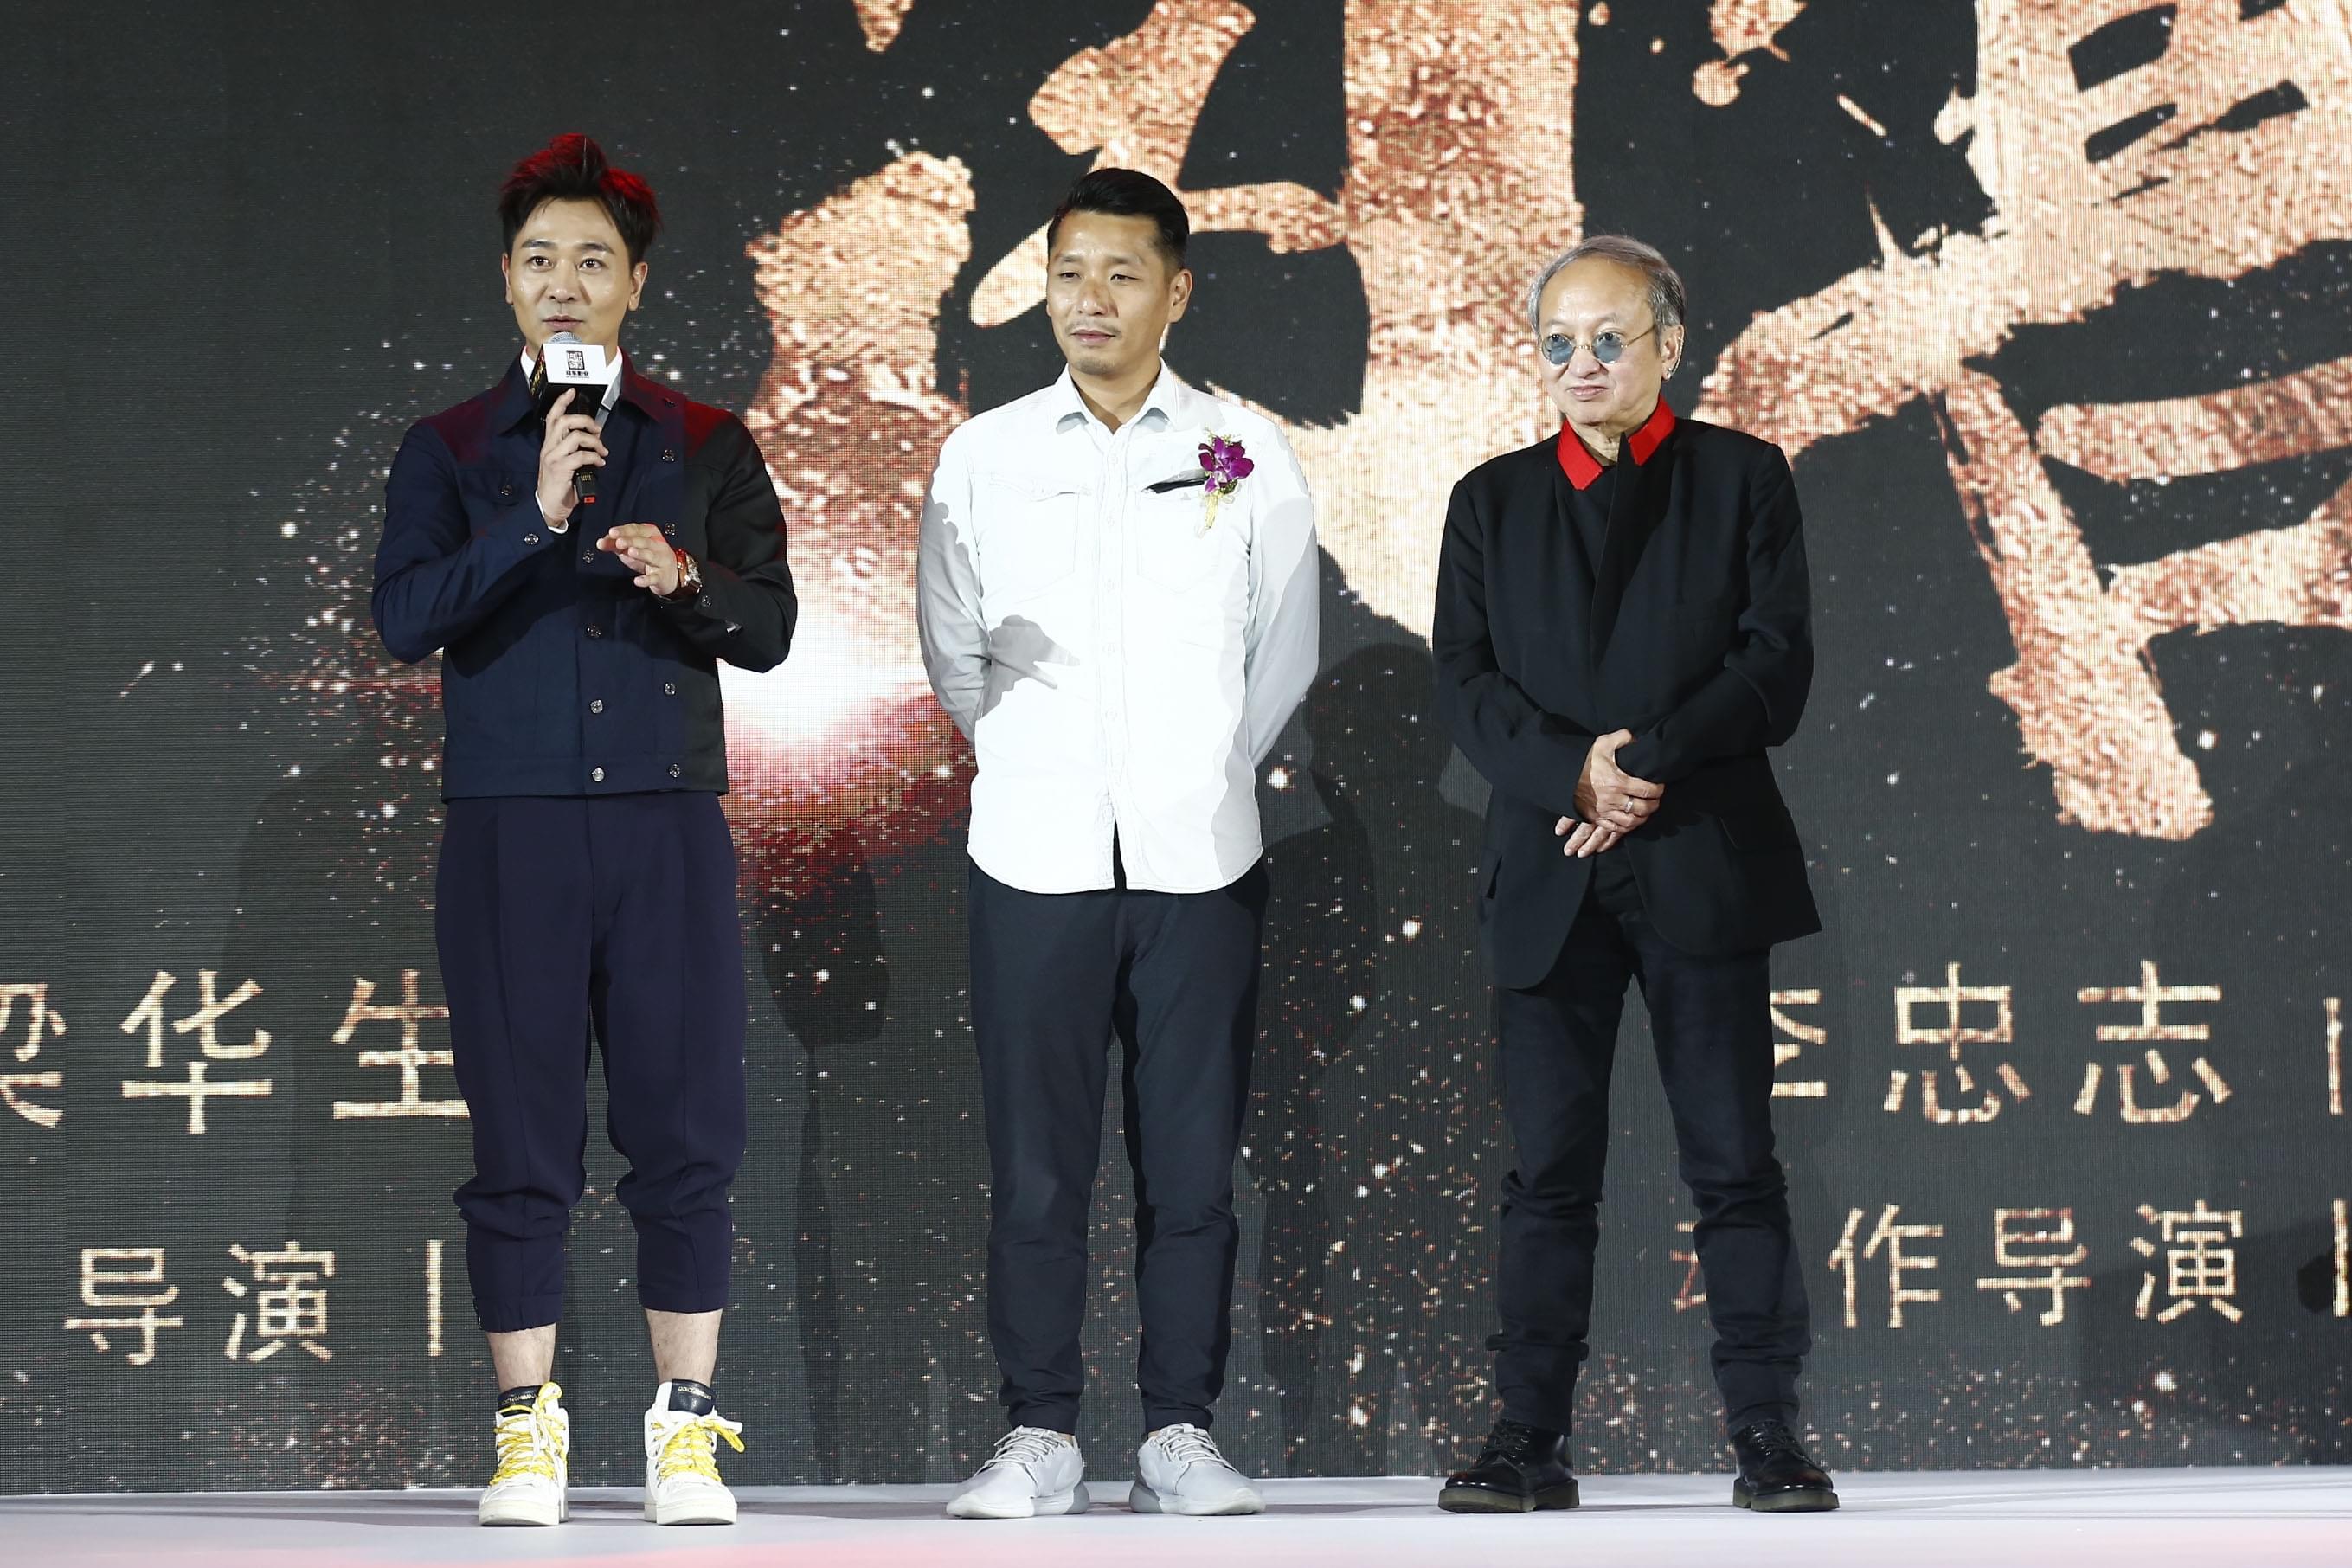 耳东公布年度片单 郑保瑞携小田切让将拍《智齿》